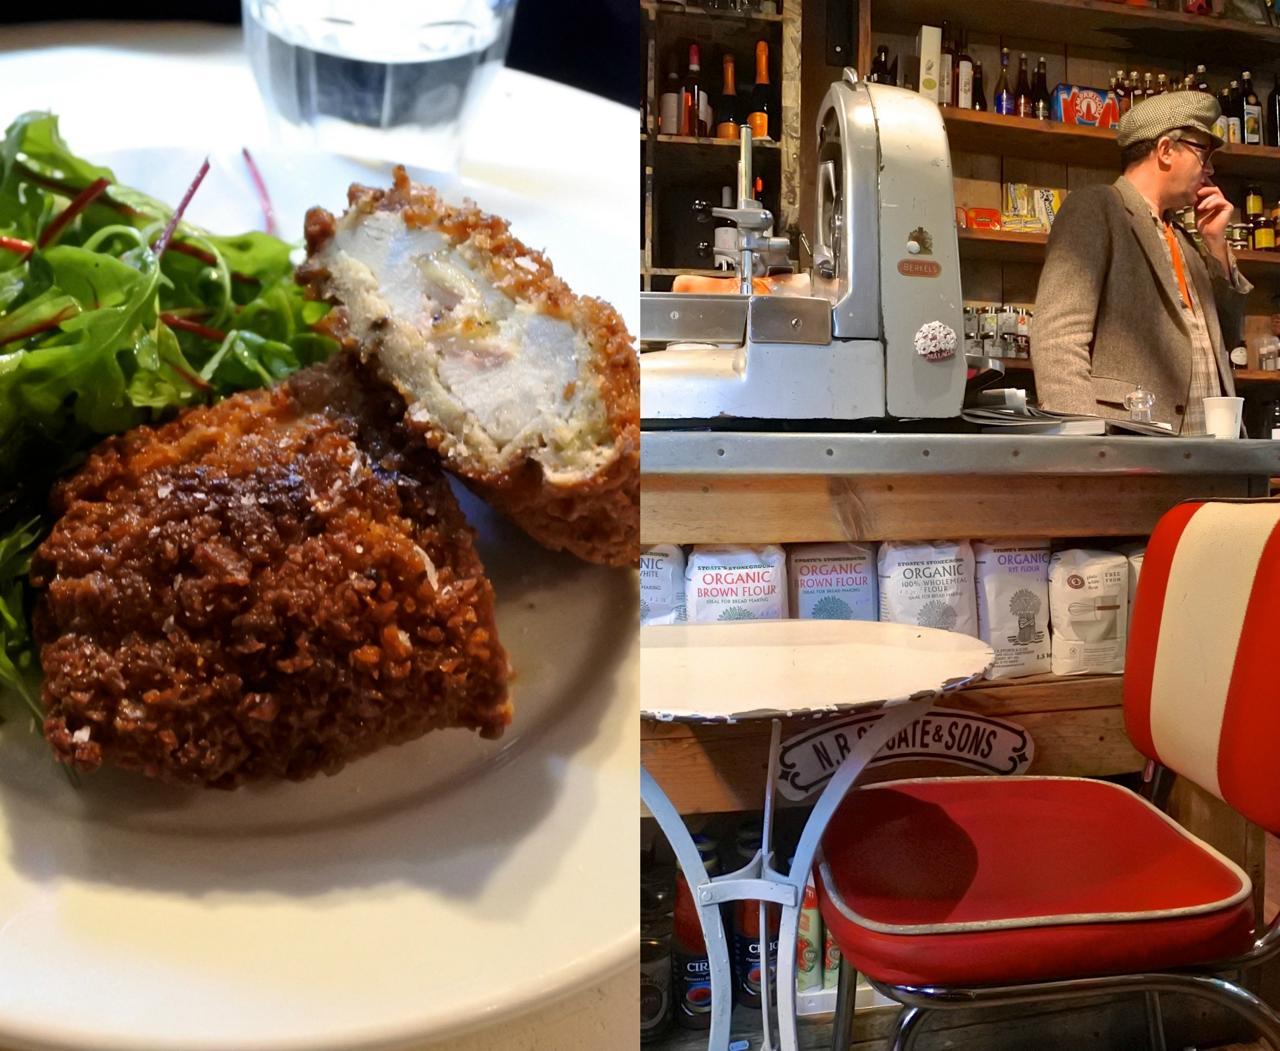 ハムとチーズを挟んだイタリア風チキンカツが日替わり☆ 美味しかったです♪右の写真にちらと写っているのがチャーリーさん。帽子がトレードマーク